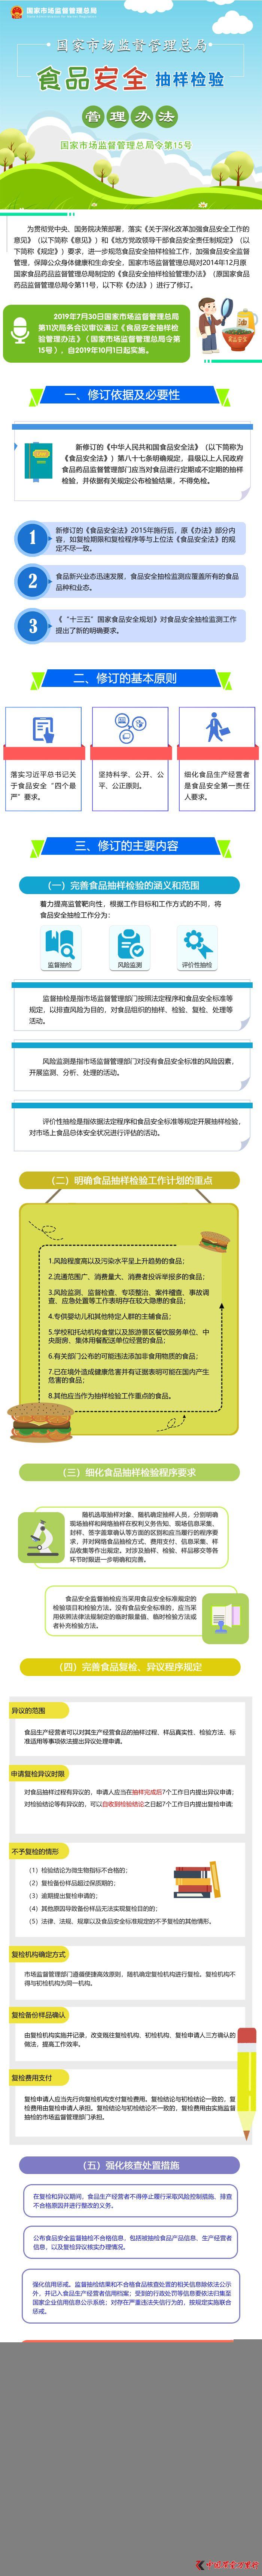 一图读懂   网上十大正规赌博网站监管总局食品安全抽样检验管理办法